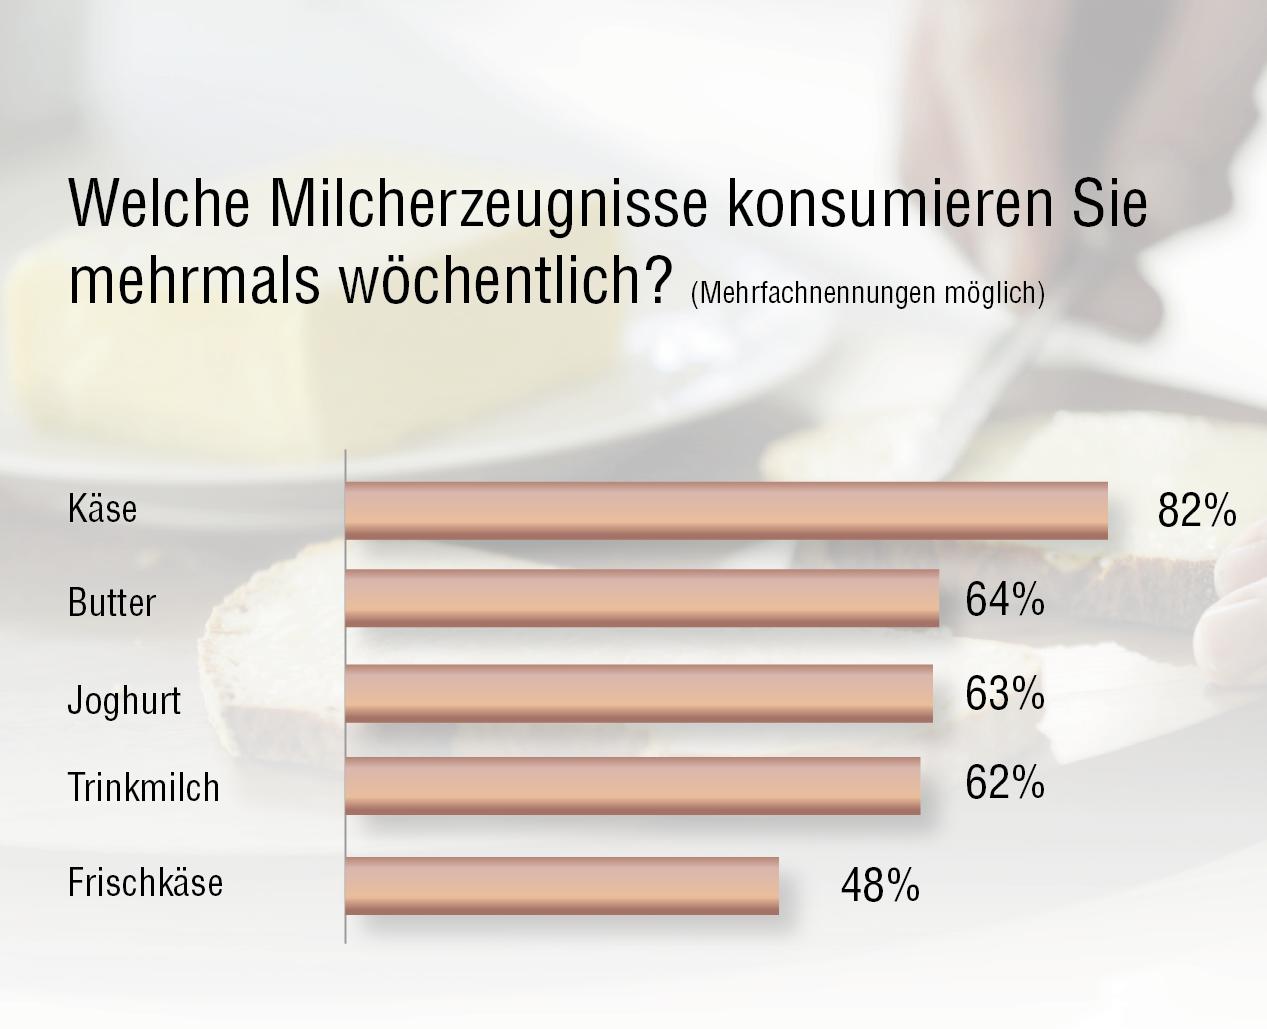 80 Prozent der Deutschen essen mehrmals pro Woche Milchprodukte